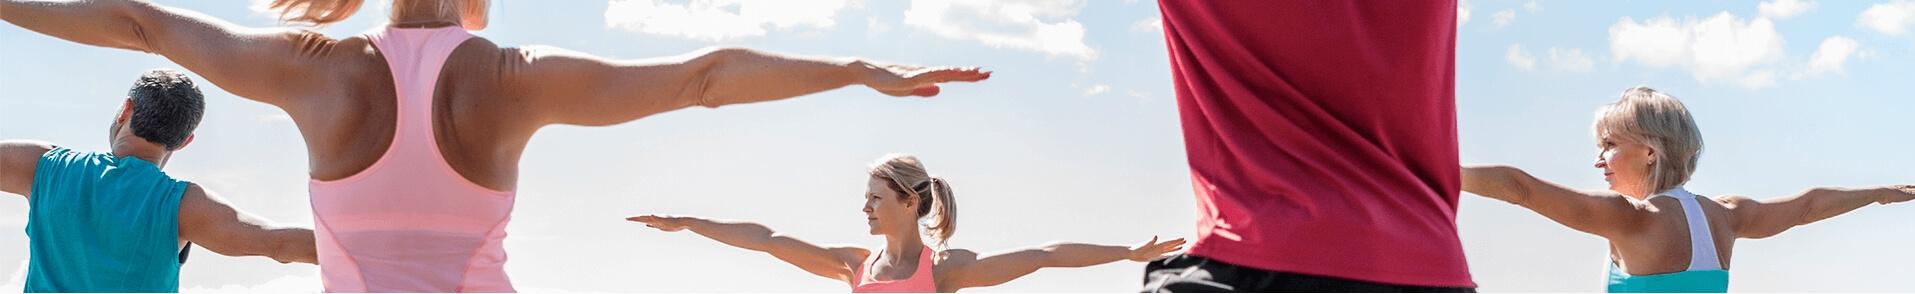 Outdoor spiritual yoga